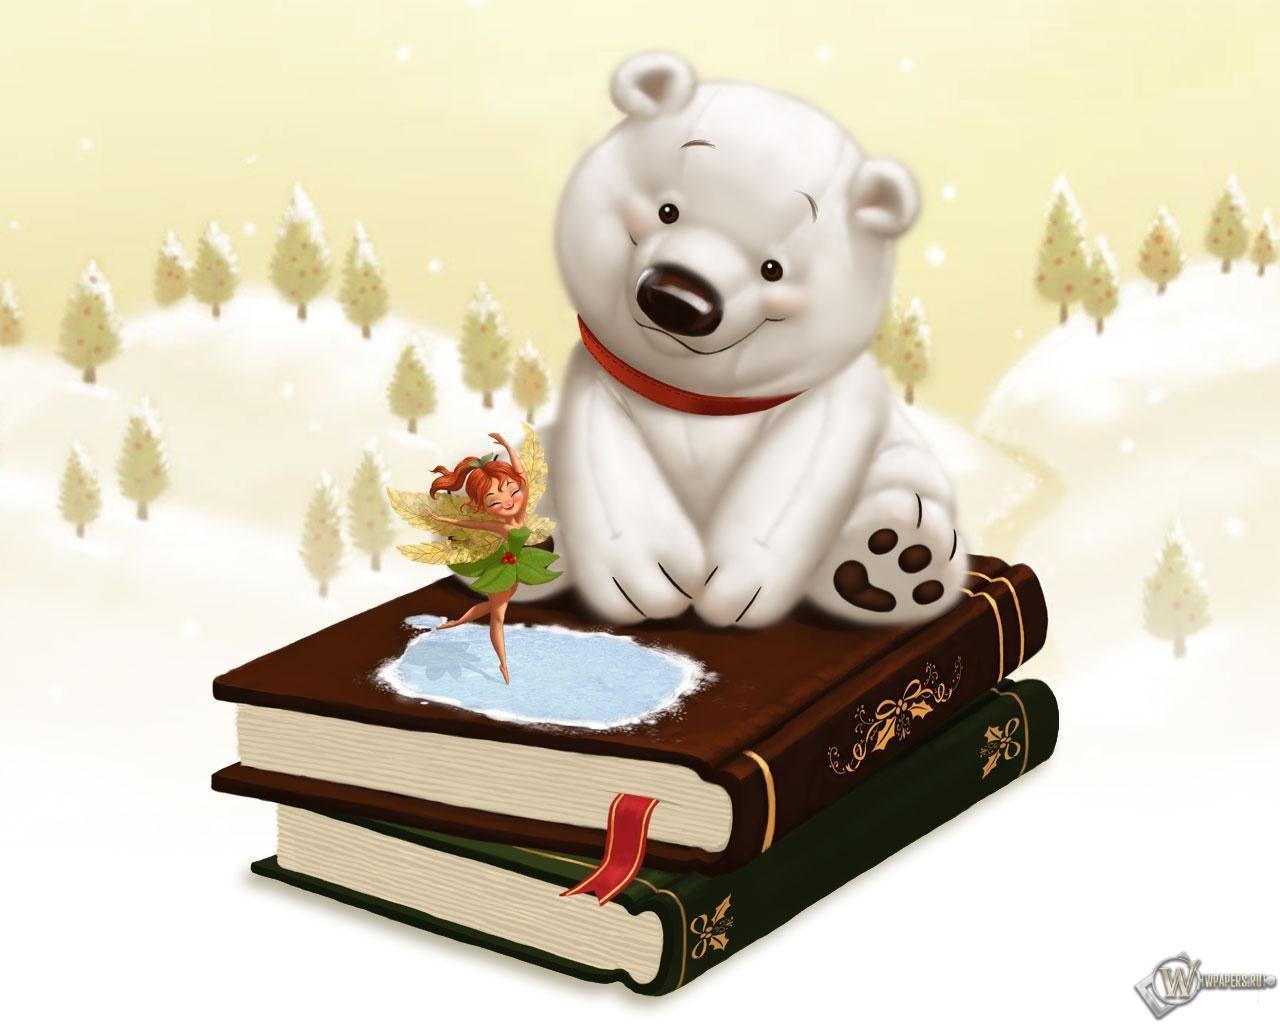 картинка медвежонок с книгой нашем магазине